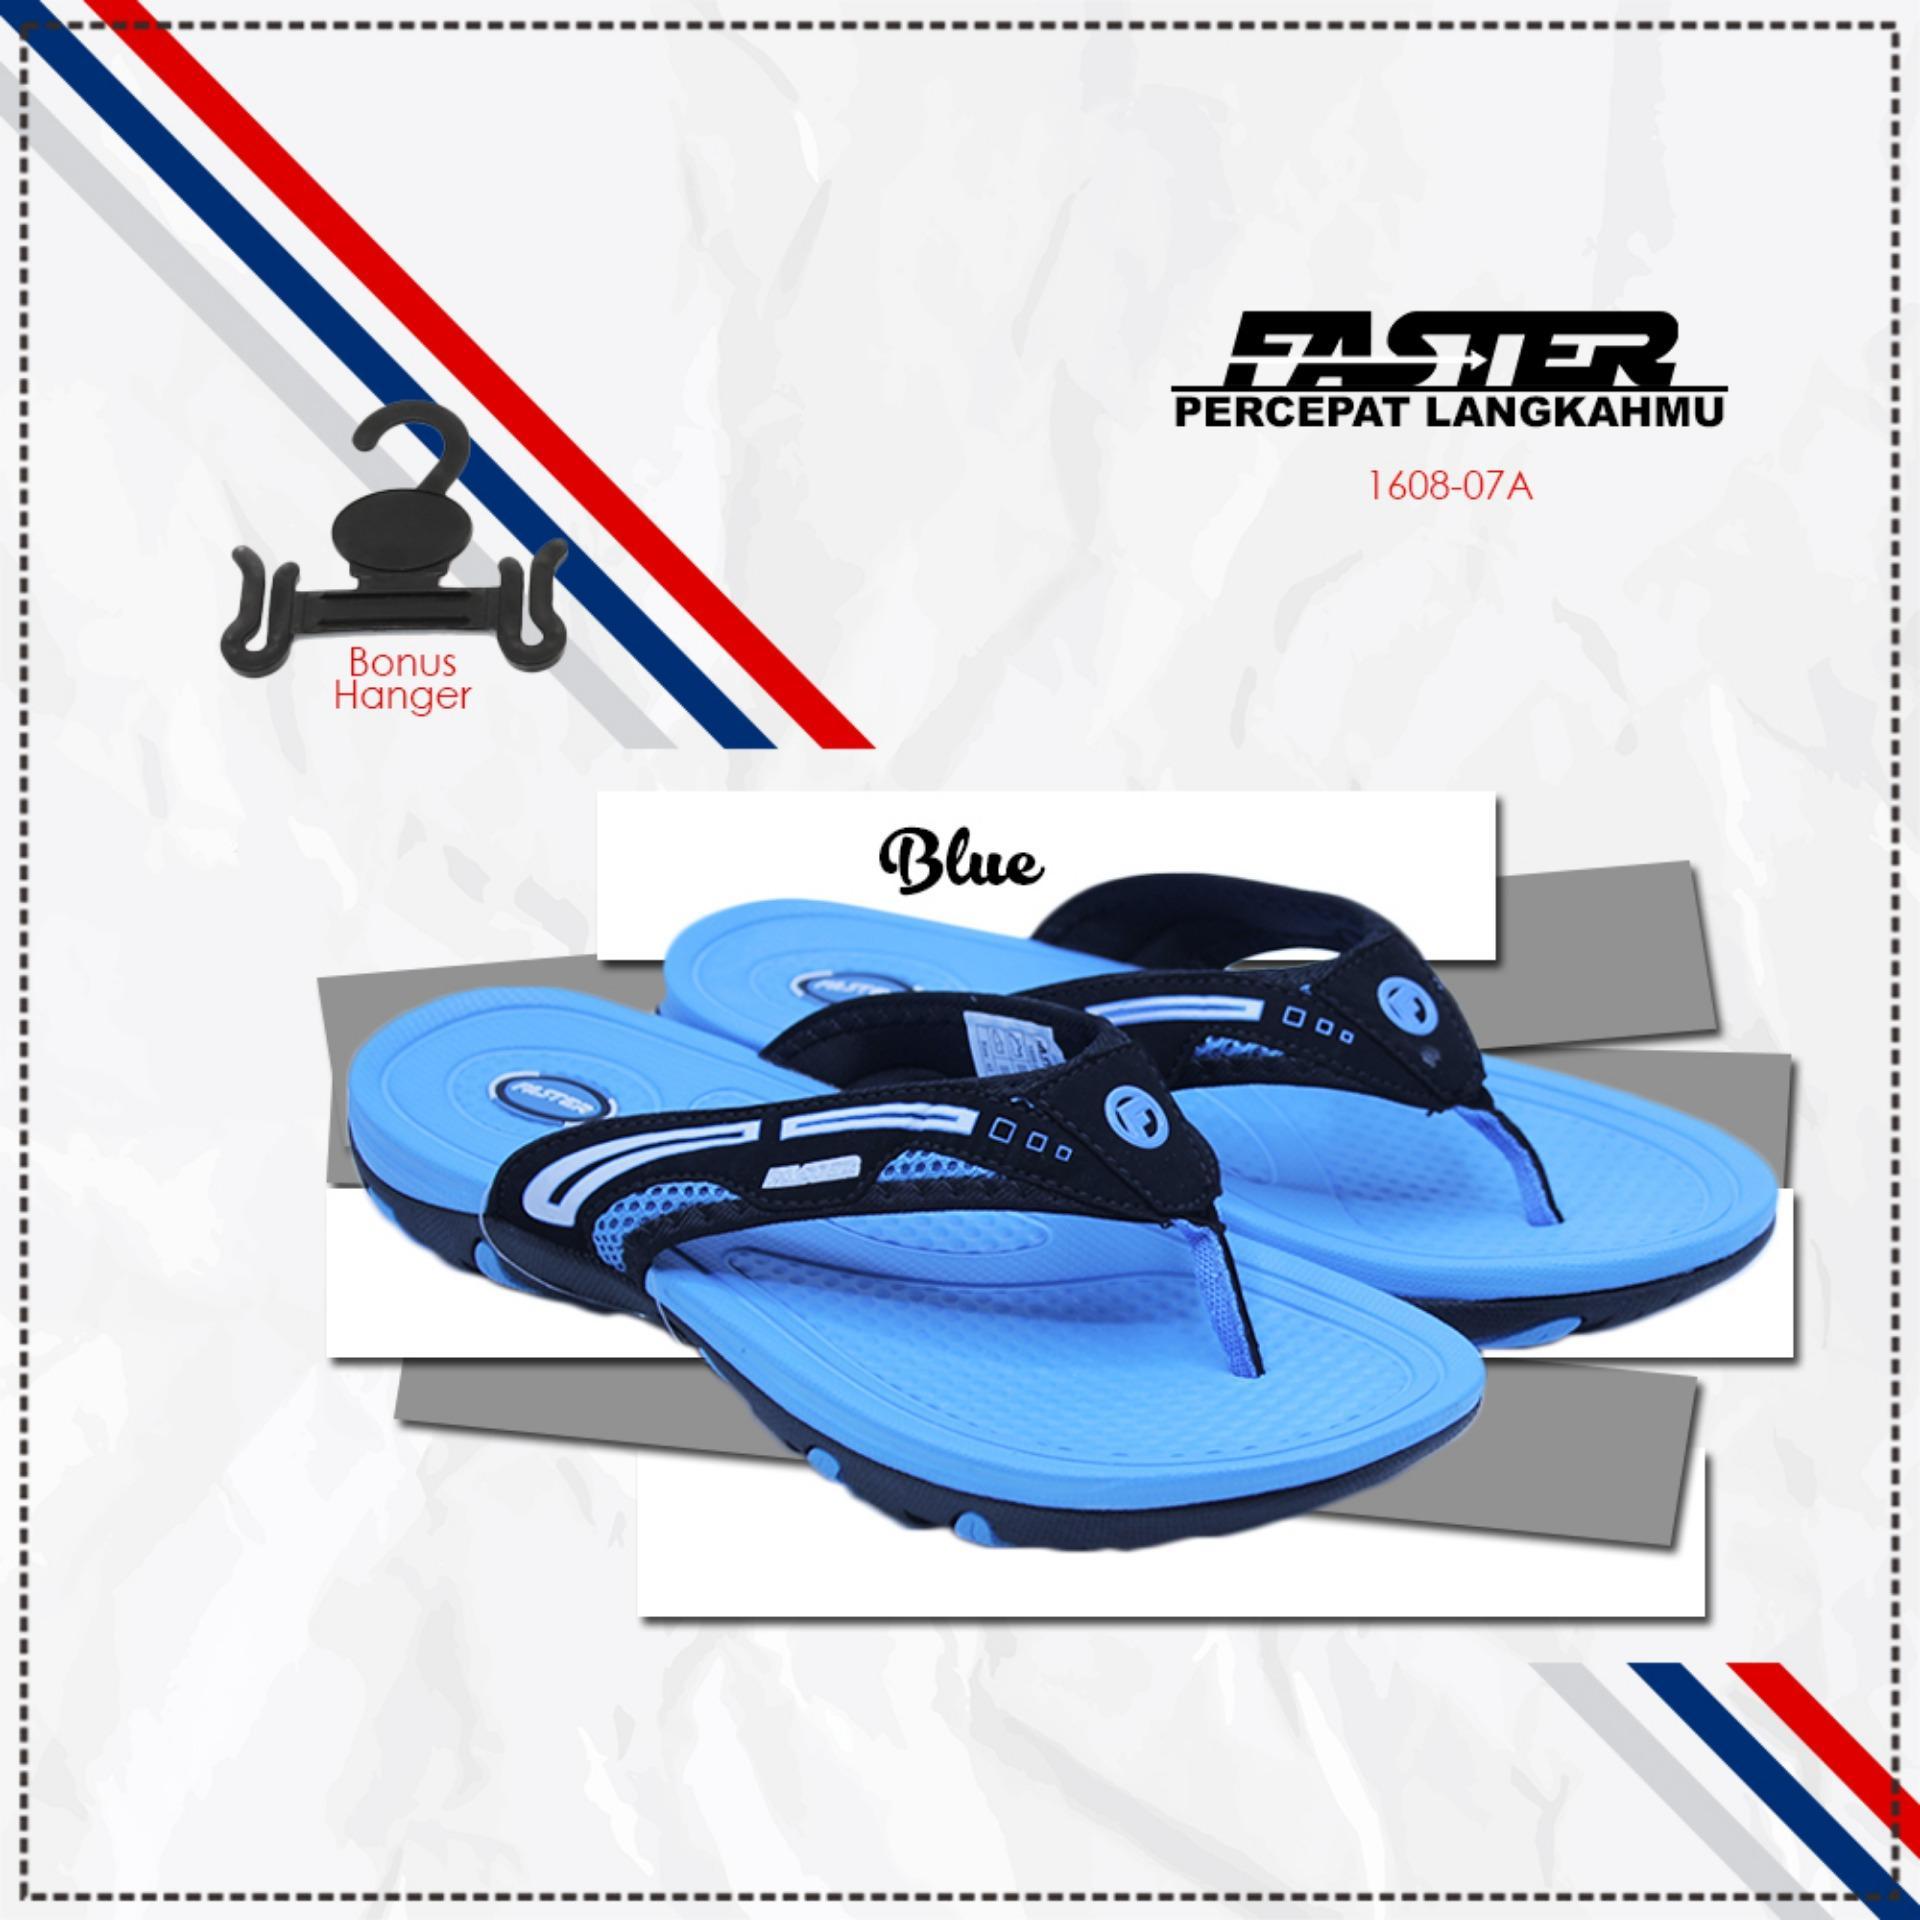 Panama Sandal Jepit Pria Abu Grey Update Daftar Harga Terbaru M1 Home Page 3 Faster